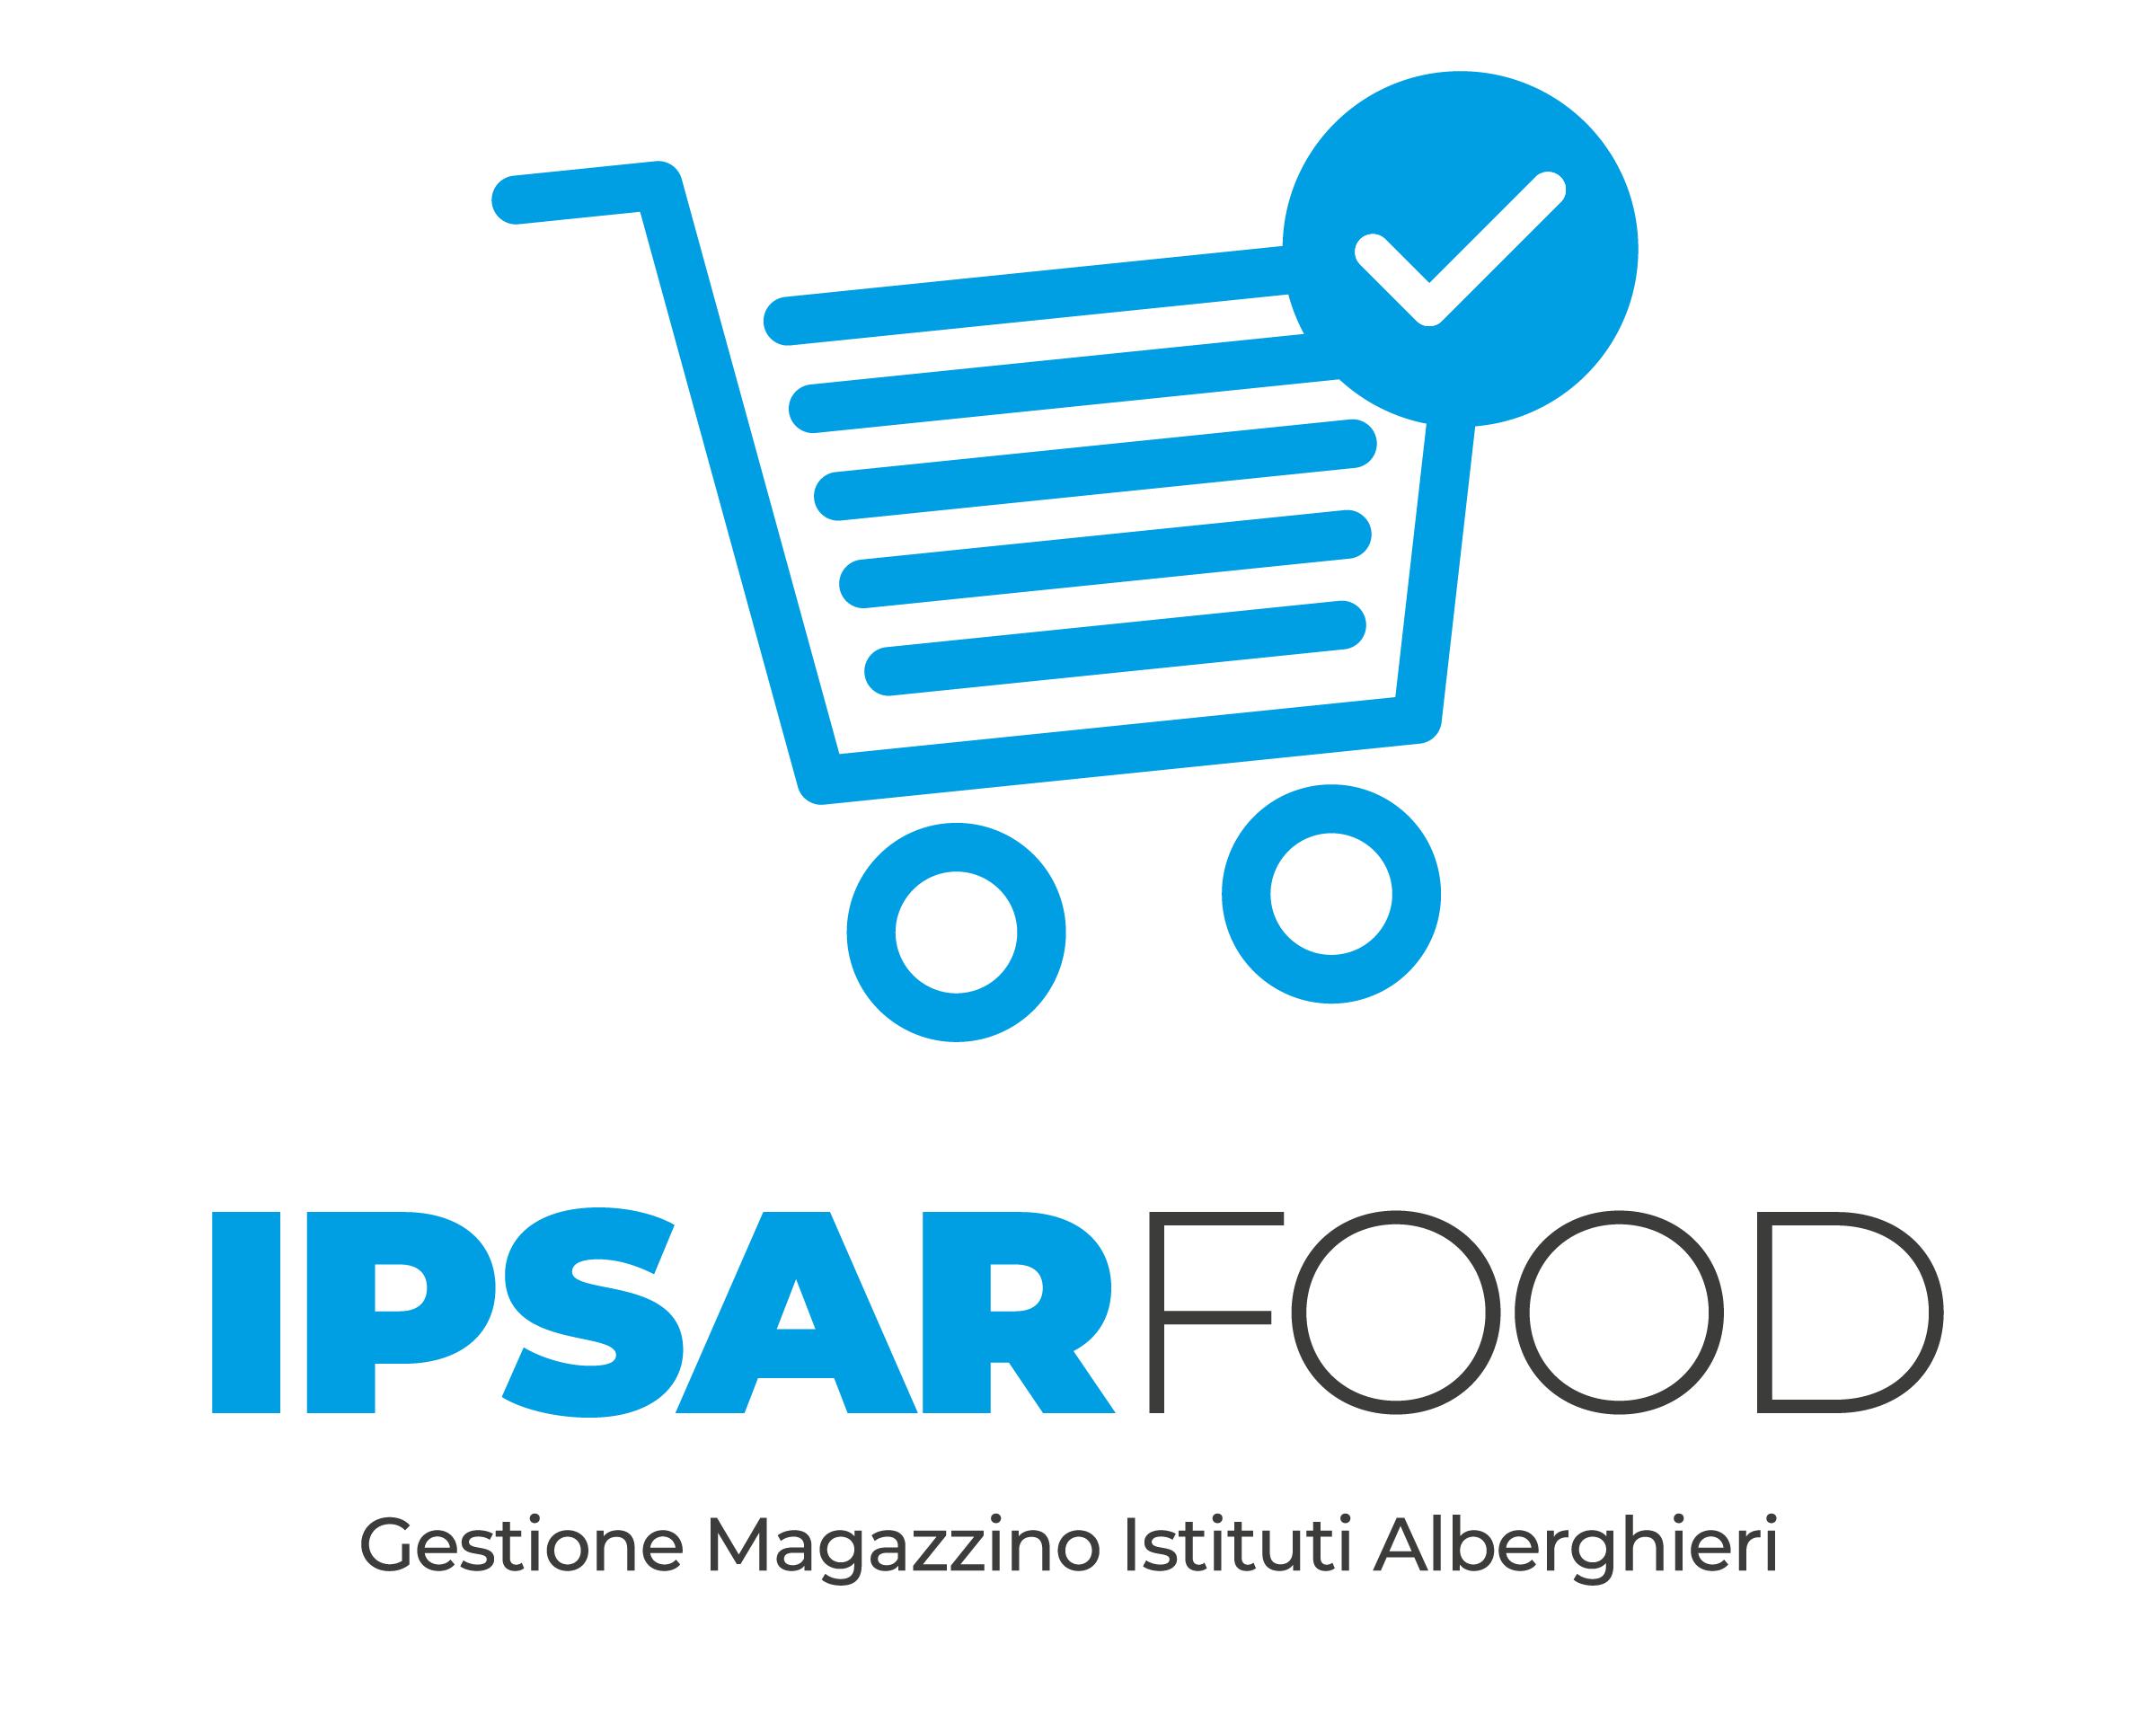 Ipsar food